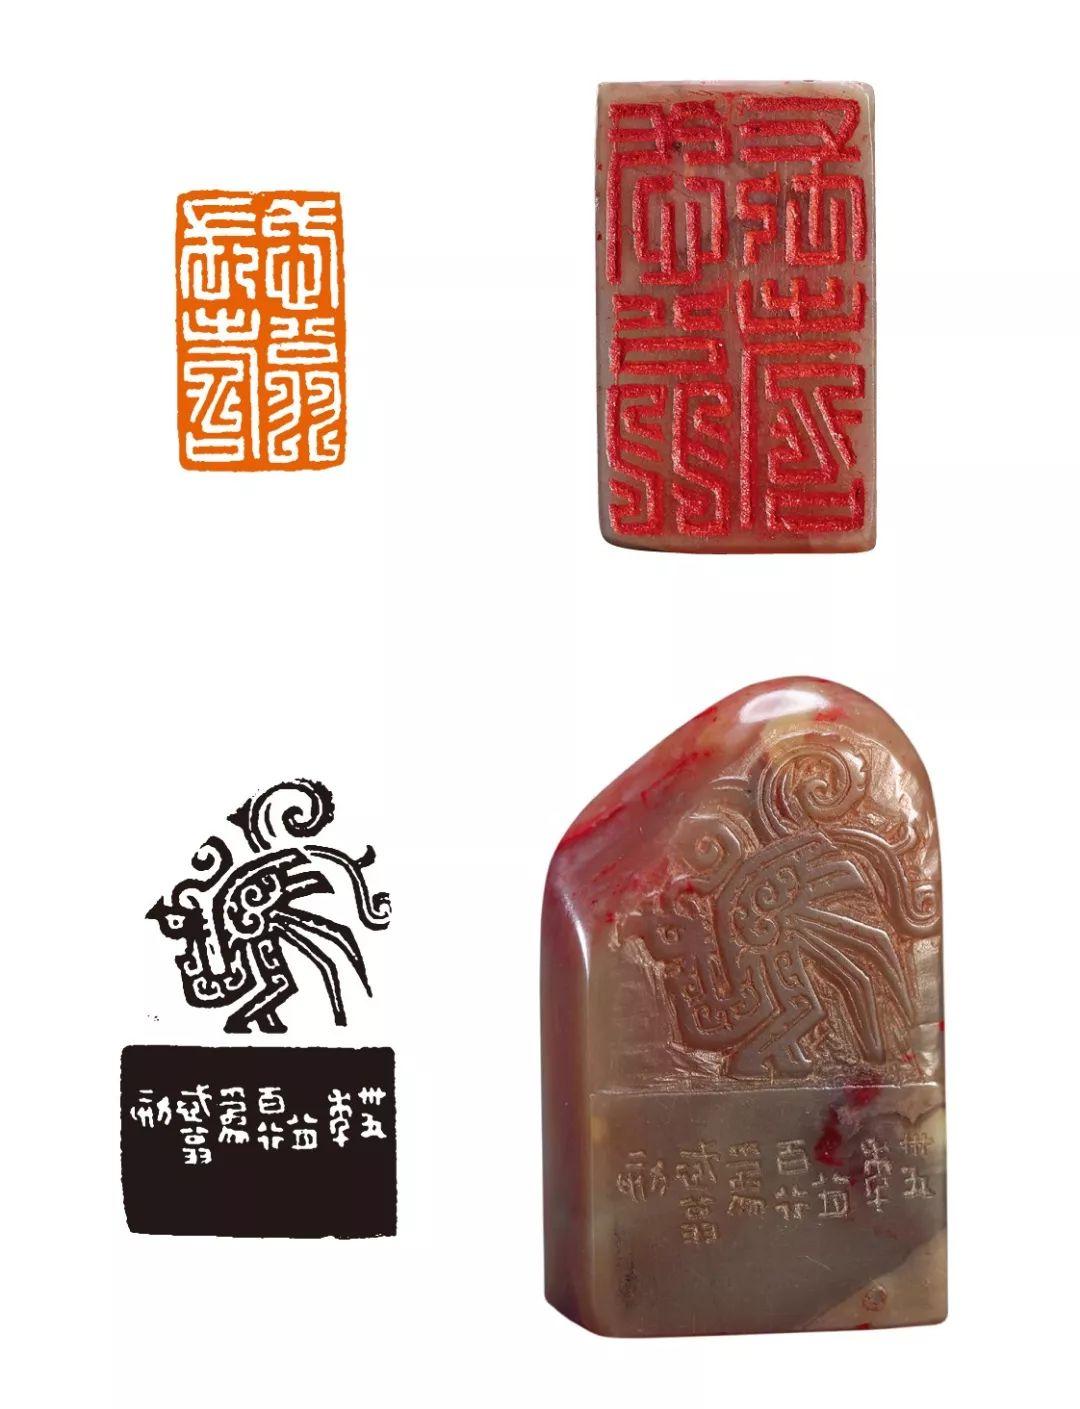 中国书协主席孙晓云的外公,是一位超越时流的书坛巨匠